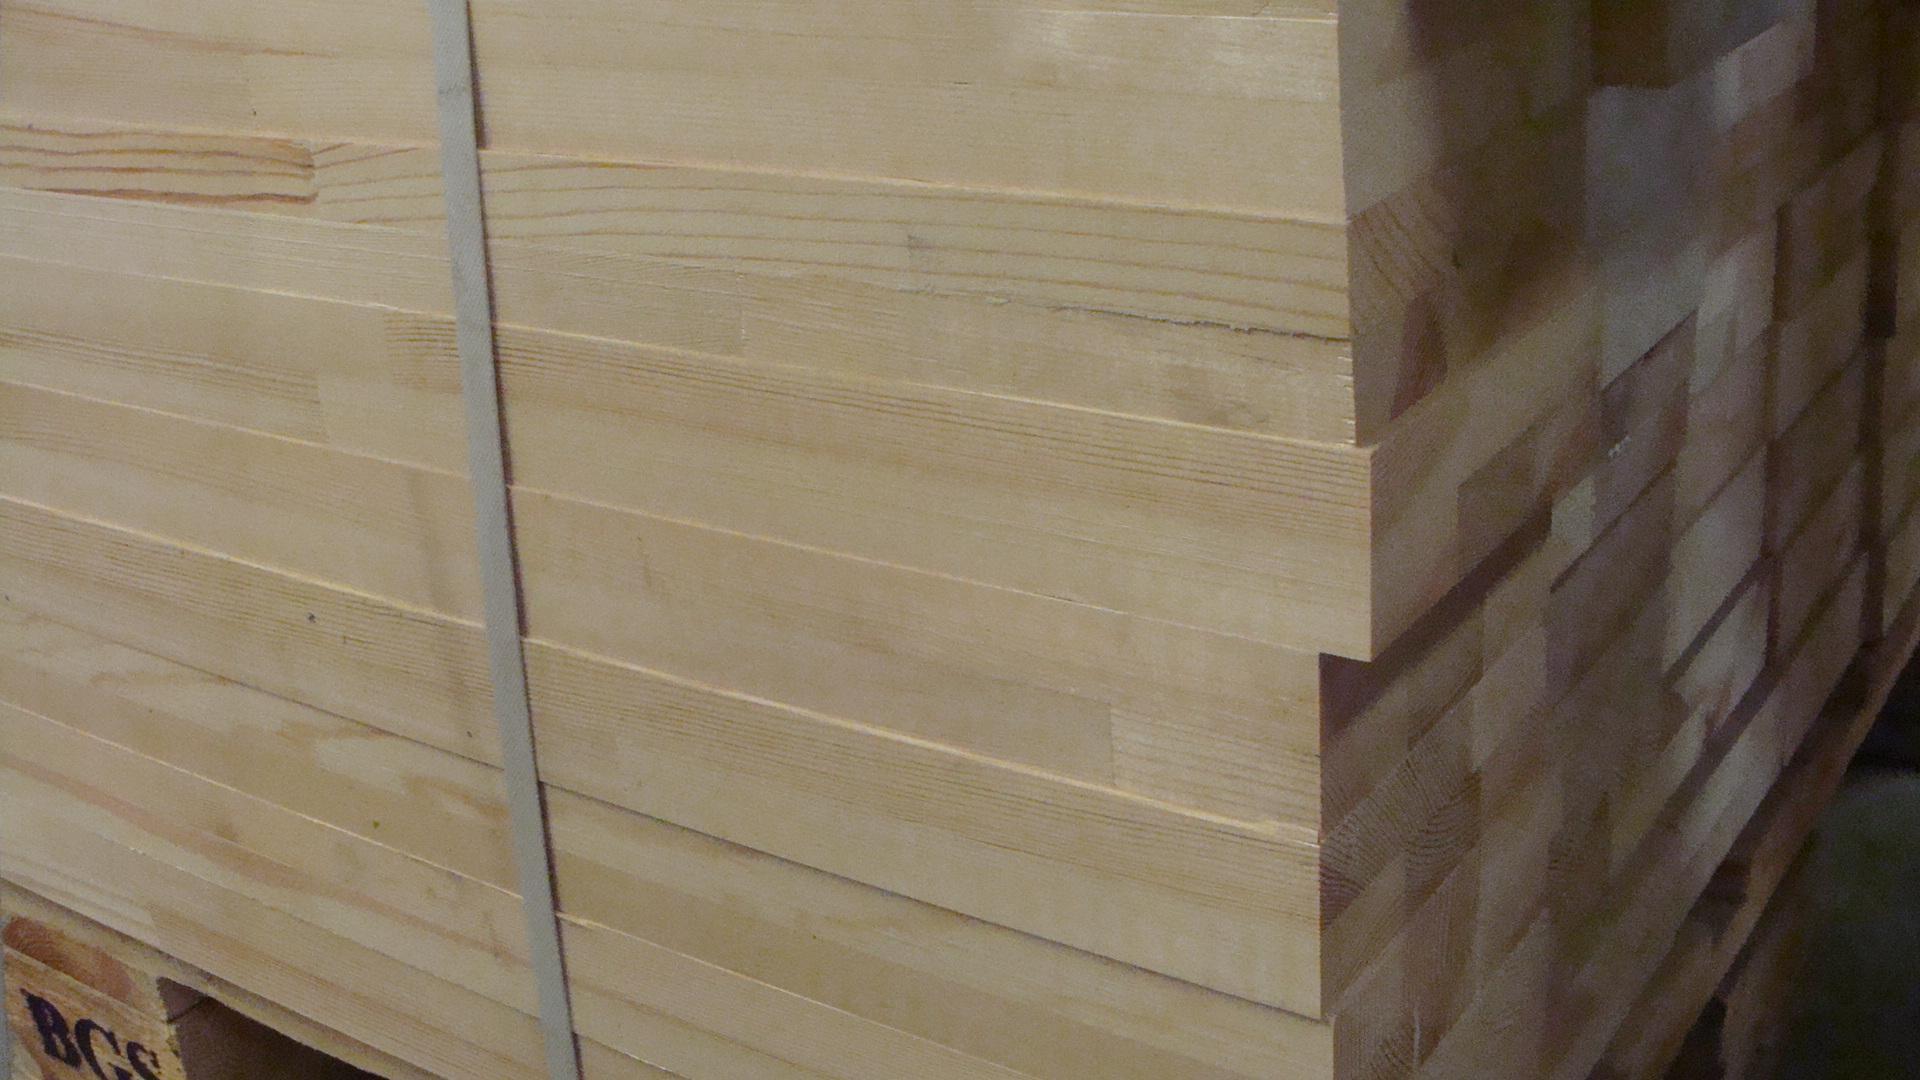 Maderas blandas pino am rica del norte - Maderas del pino ...